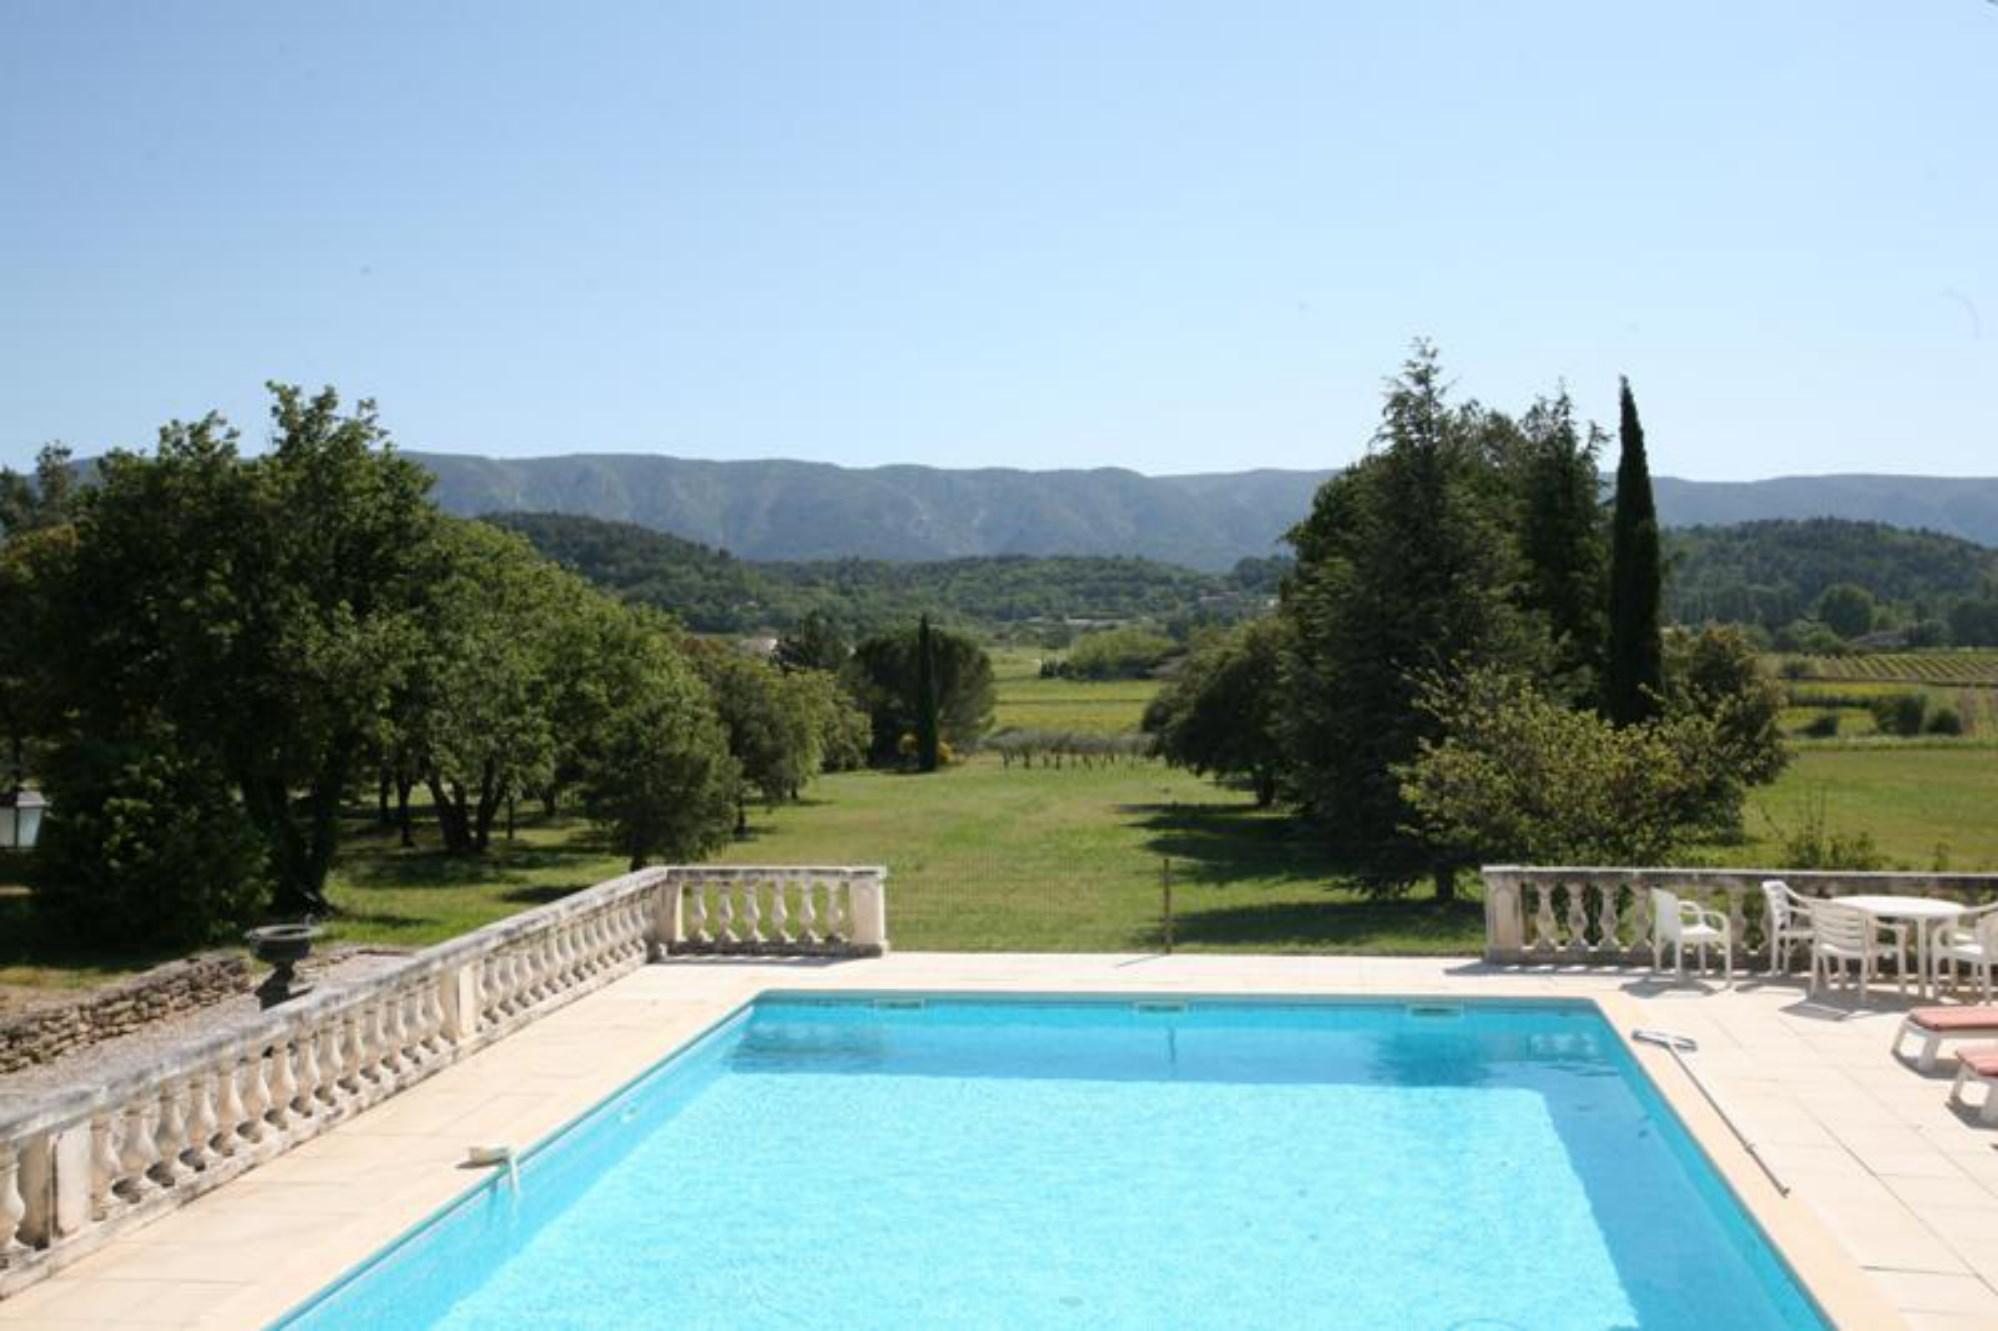 Ventes maison proven ale avec piscine et terrasse avec vue panoramique vendre en luberon - Piscine et terrasse ...